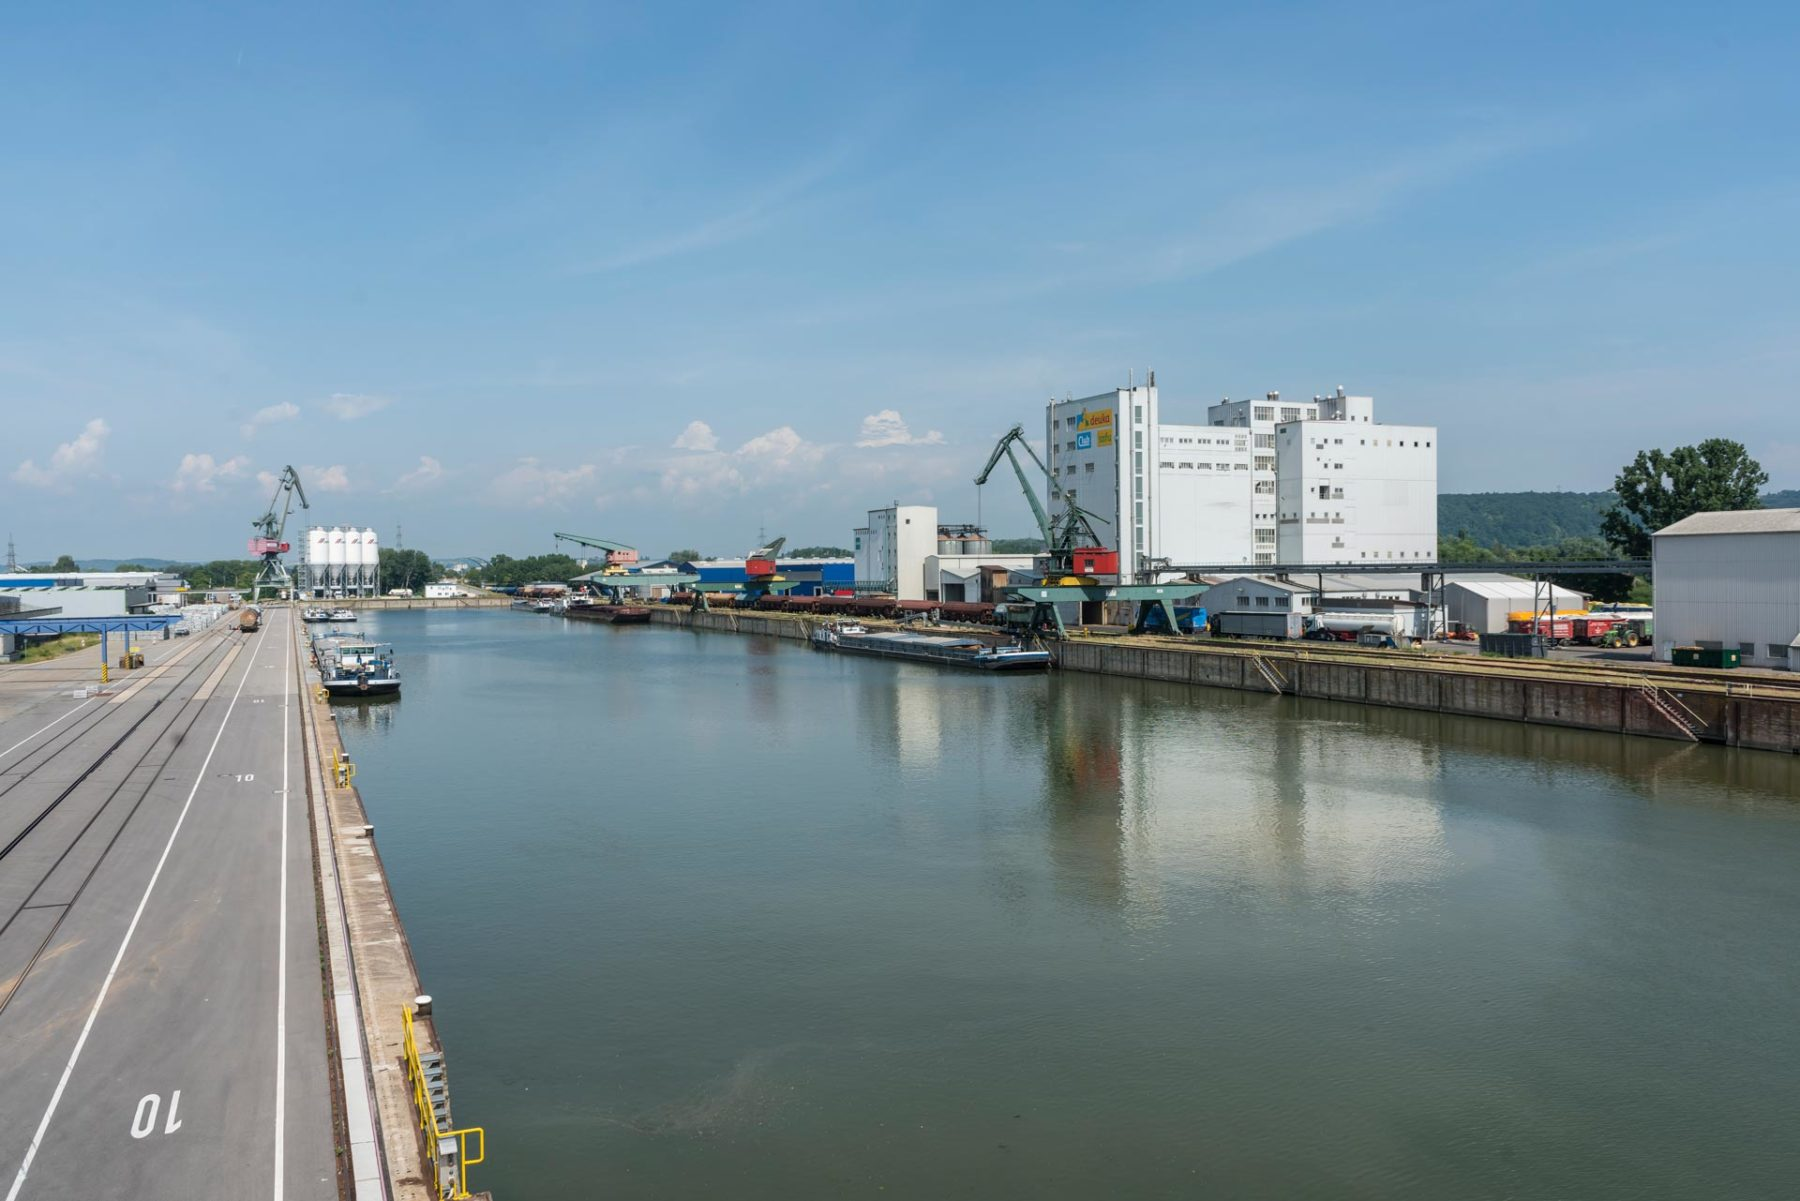 Hafenbecken Osthafen bayernhafen Regensburg